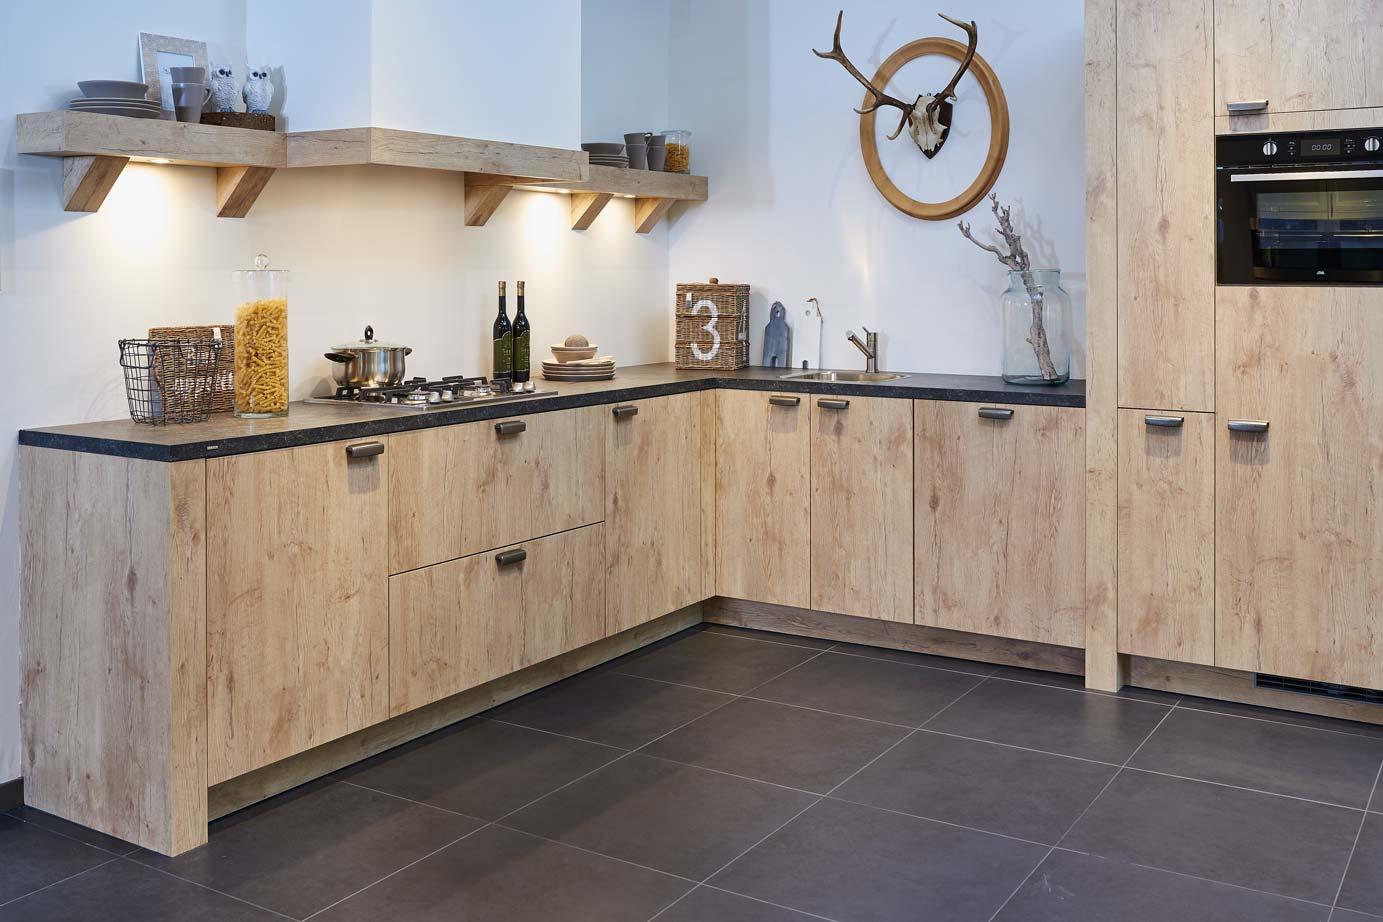 Handgrepen Keuken Prijs : Landelijke keuken DB Keukens